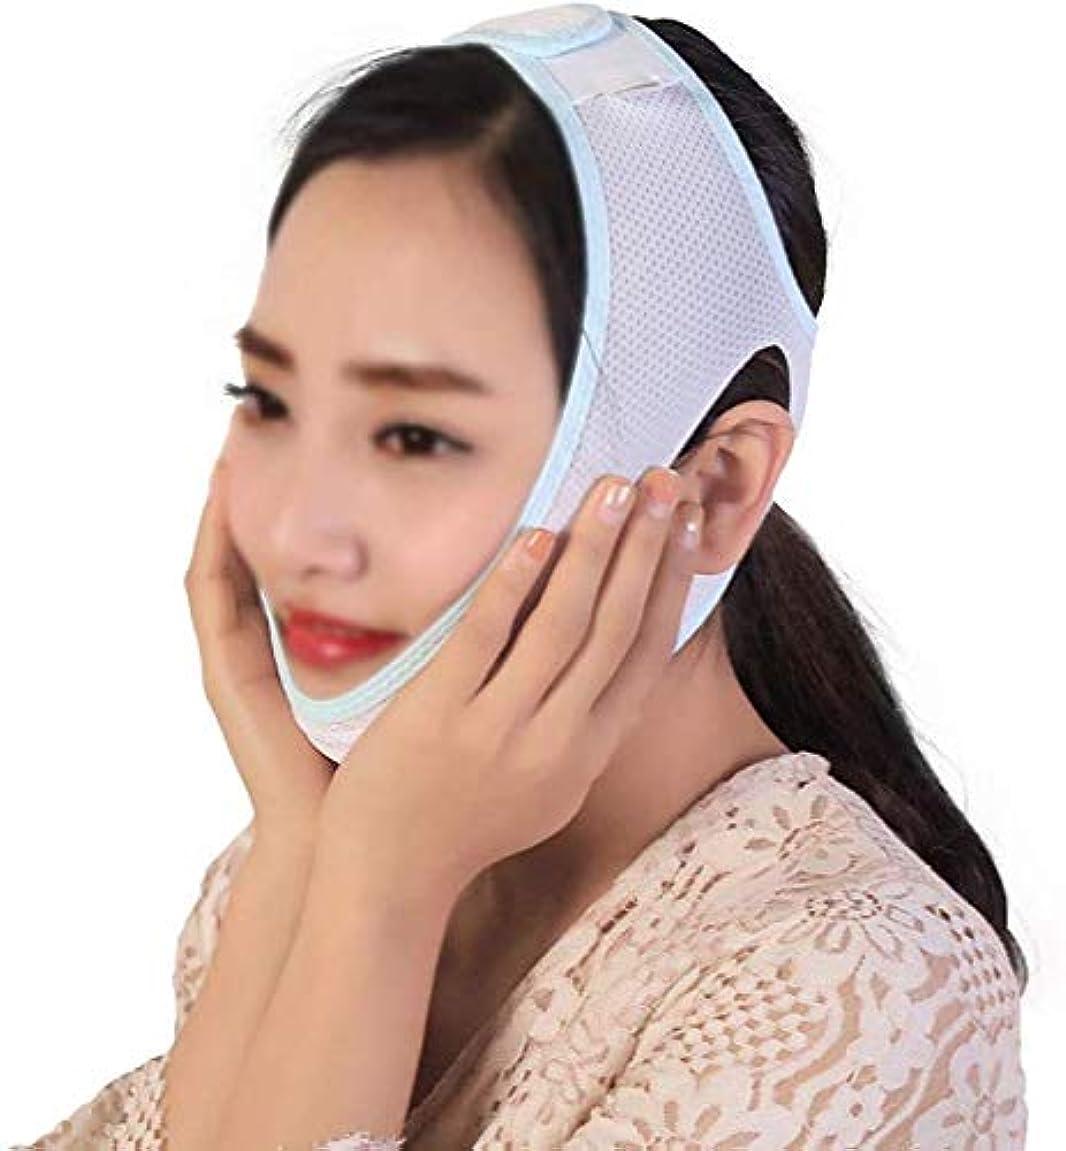 一緒登場そして美容と実用的なファーミングフェイスマスク、スモールVフェイスアーティファクトリフティングフェイスプラスチックフェイスマスクコンフォートアップグレードの最適化フェイスカーブの総合的な通気性包帯の改善(サイズ:L)